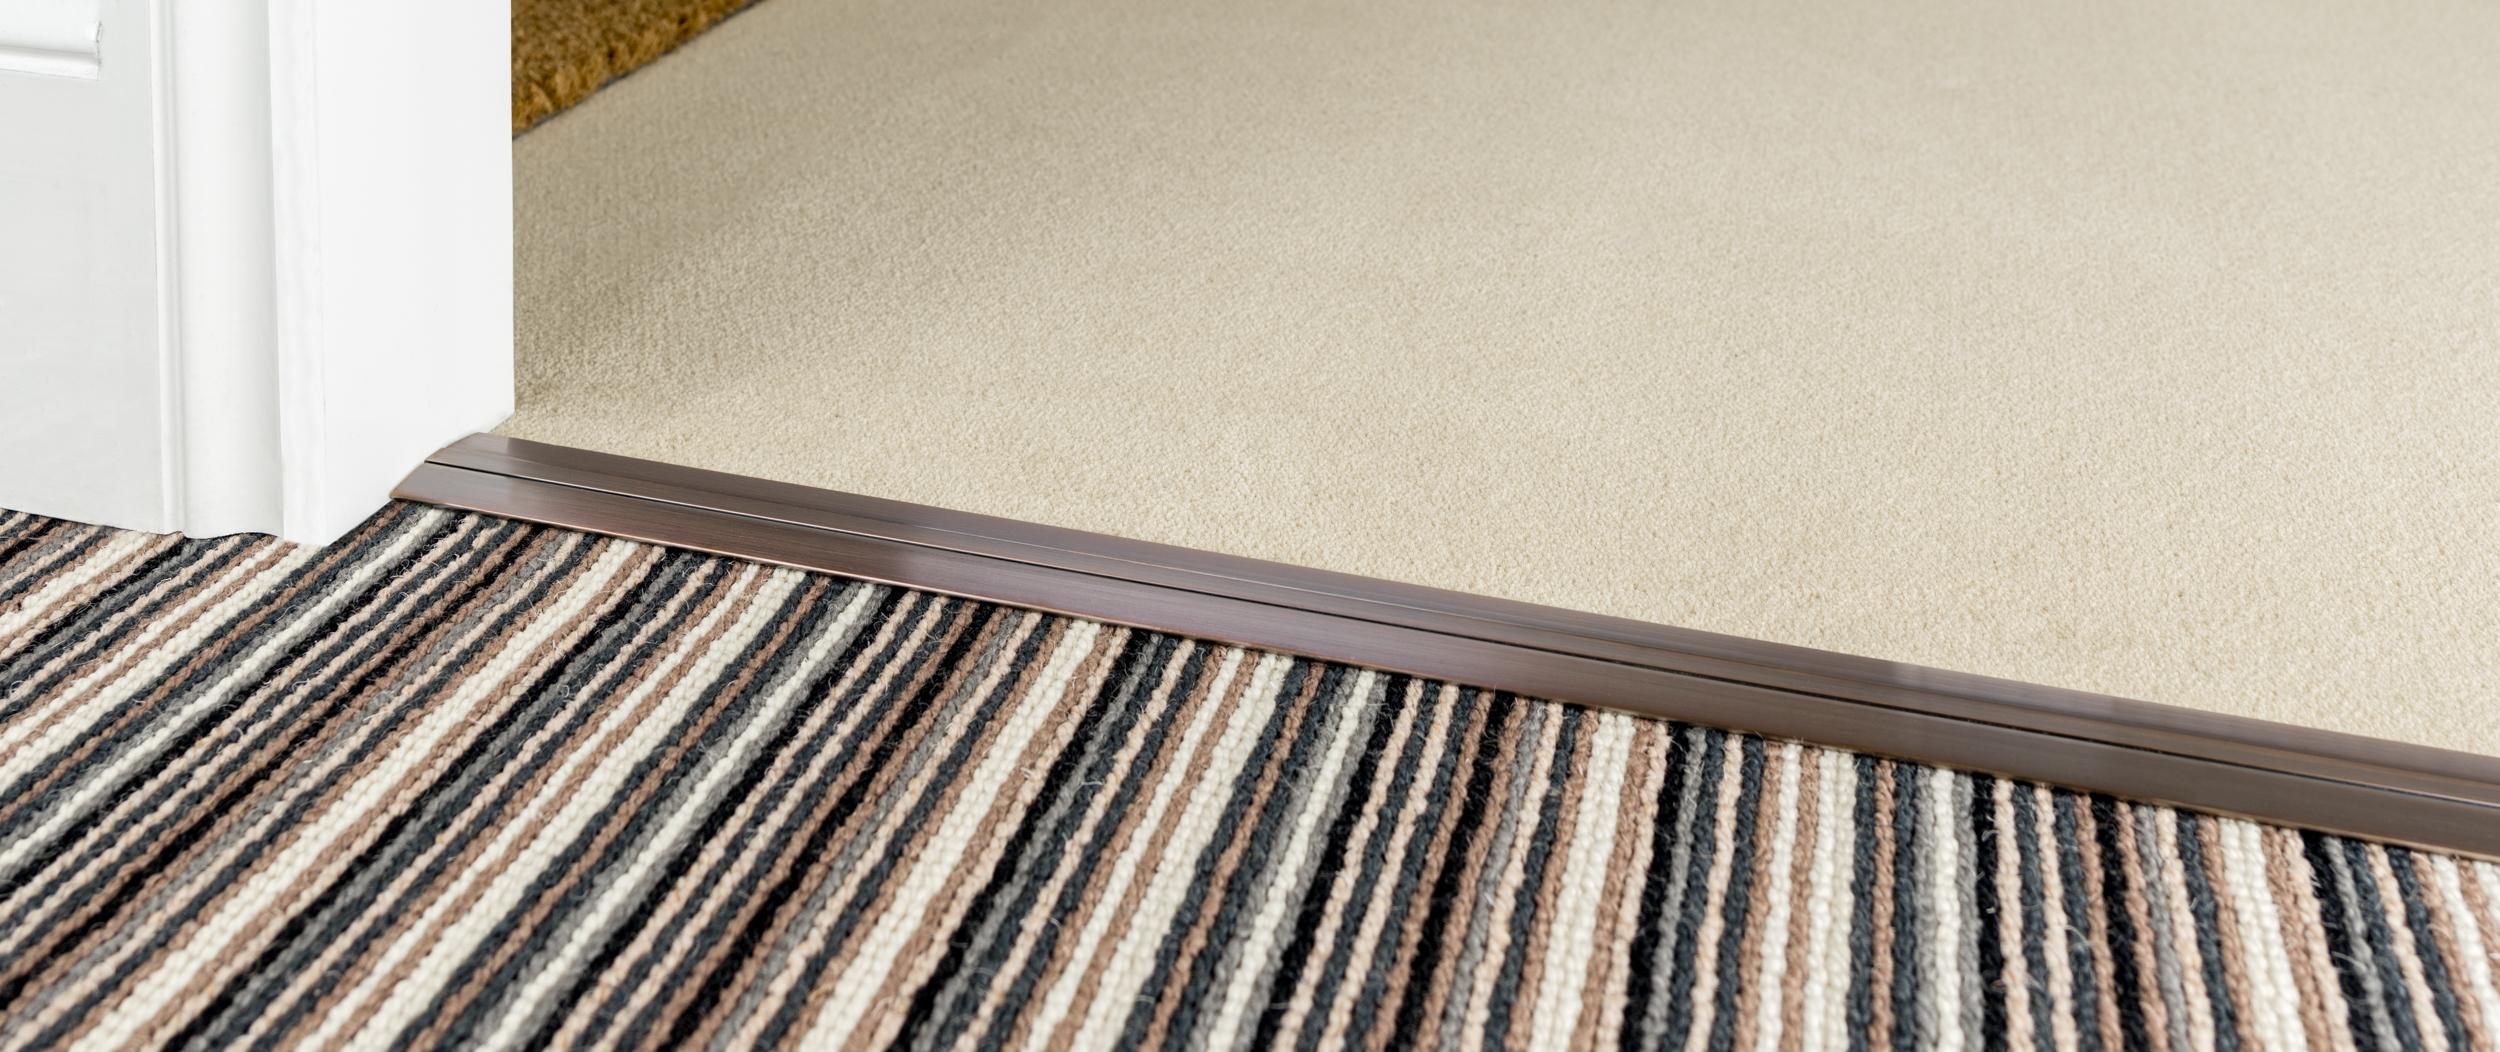 stairrods-bronze-posh38-ctc.jpg